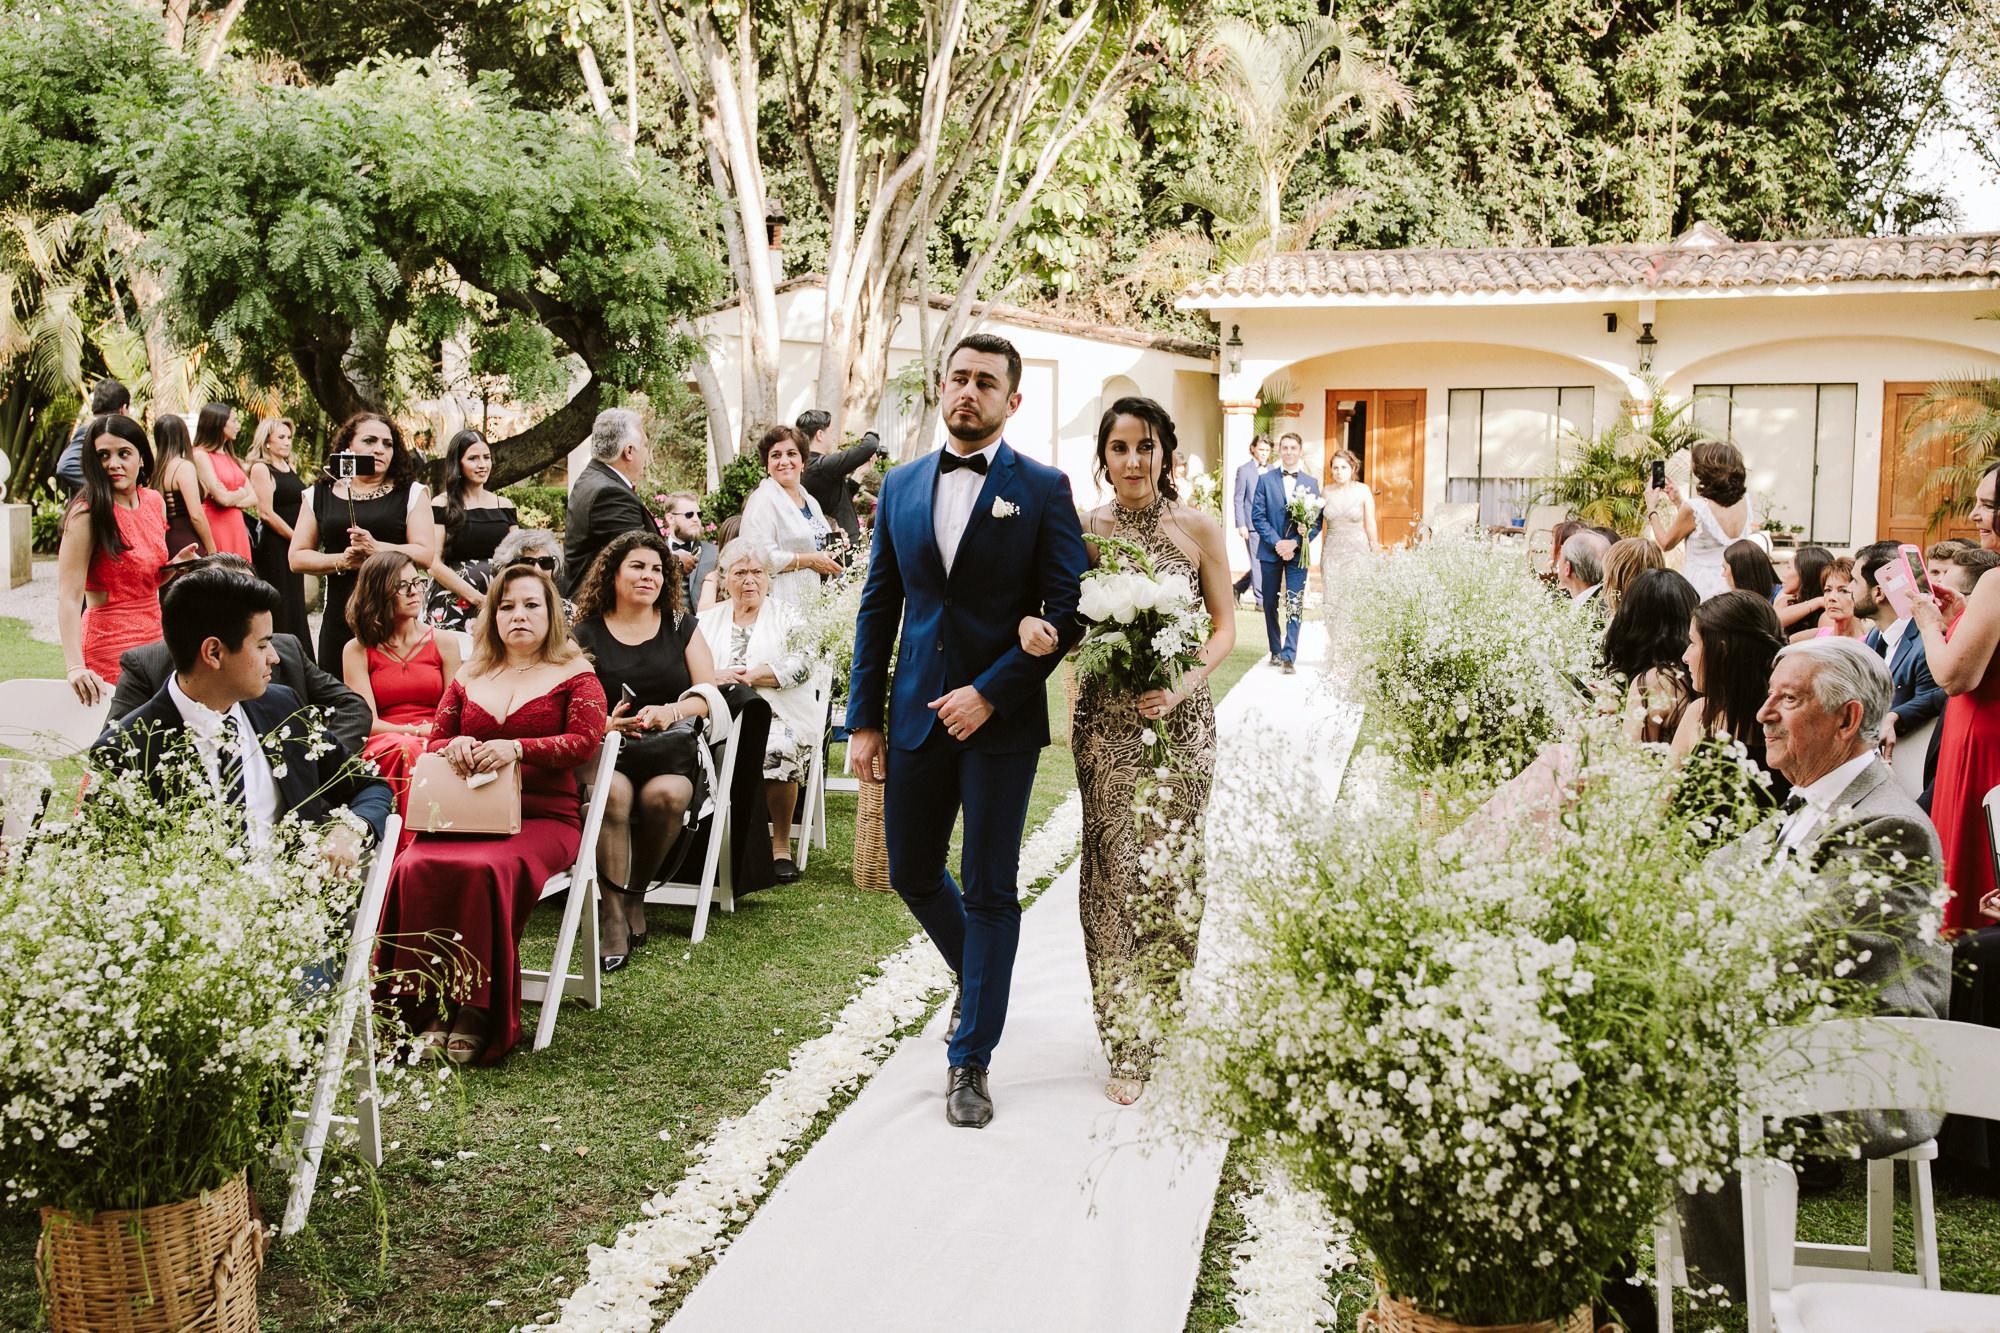 bodas_en_tepoztlan_casa_bugambilia_alfonso_flores_destination_wedding_photographer124.jpg